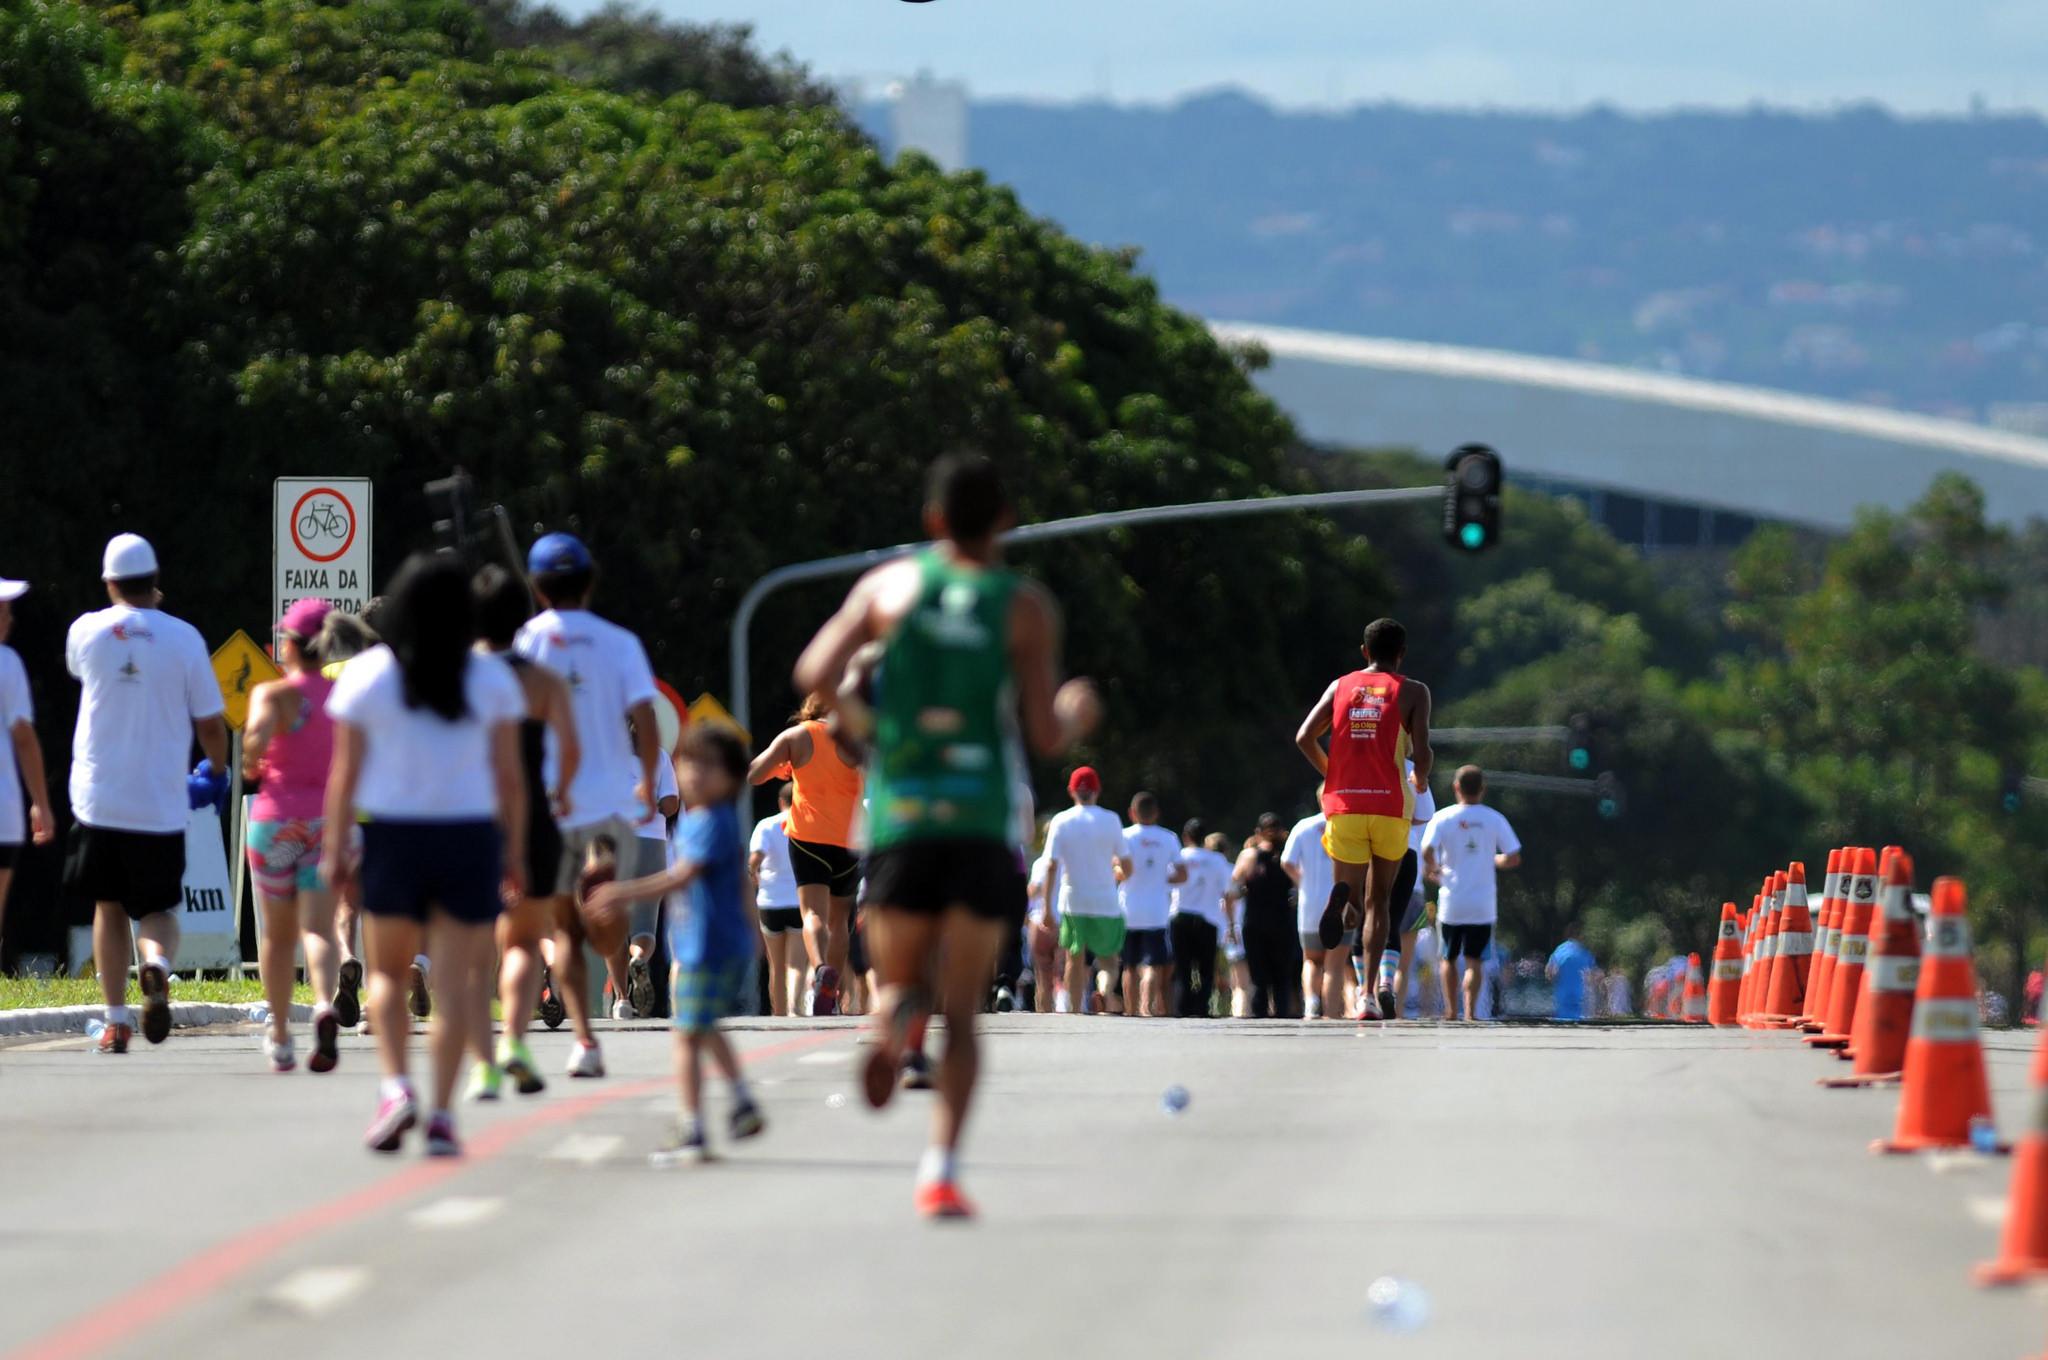 Realizadas corridas temáticas:<br> <br>7 mil participantes em 2015, divididos entre os seguintes circuitos de corrida de rua:<br>     <li>1ª Etapa - 5Km e 10Km - Aniversário de Brasília, em 21/abril</li>     <li>2ª Etapa - Corrida Tiradentes, em 31/maio</li>      <li>3ª Etapa - São Sebastião, em 16/agosto</li>     <li>4ª Etapa - Santa Maria, em 07/setembro</li>     <li>5ª Etapa - Virada do Cerrado, em 13/setembro</li>     <li>6ª Etapa - Corrida da Criança, em 11/outubro</li> <br>4,5 mil participantes em 2016, divididos entre os seguintes circuitos de corrida de rua:<br>     <li>2ª Etapa - Corrida da Paz, em 19/março</li>     <li>3ª Etapa - Corrida do Gari, em 11/maio</li>      <li>4ª Etapa - Corrida Tiradentes, em 29/maio</li>     <li>5ª Etapa - Corrida pela  Cidadania, em 29/maio</li>     <li>1ª Etapa - Circuito de ciclismo, em 06/novembro</li> <br>11 mil participantes em 2017, divididos entre os seguintes circuitos de corrida de rua:<br>     <li>2ª Etapa - Corrida do Trabalhador, em 1º/maio</li>     <li>3ª Etapa - O Gari mais Veloz, em 11/maio</li>     <li>4ª Etapa - Corrida Tiradentes, em 21/maio</li>     <li>5ª Etapa - Maio Amarelo, promovida pelo DER, em 28/maio</li>     <li>6ª Etapa - Virada do Cerrado, em 03/setembro</li></em>